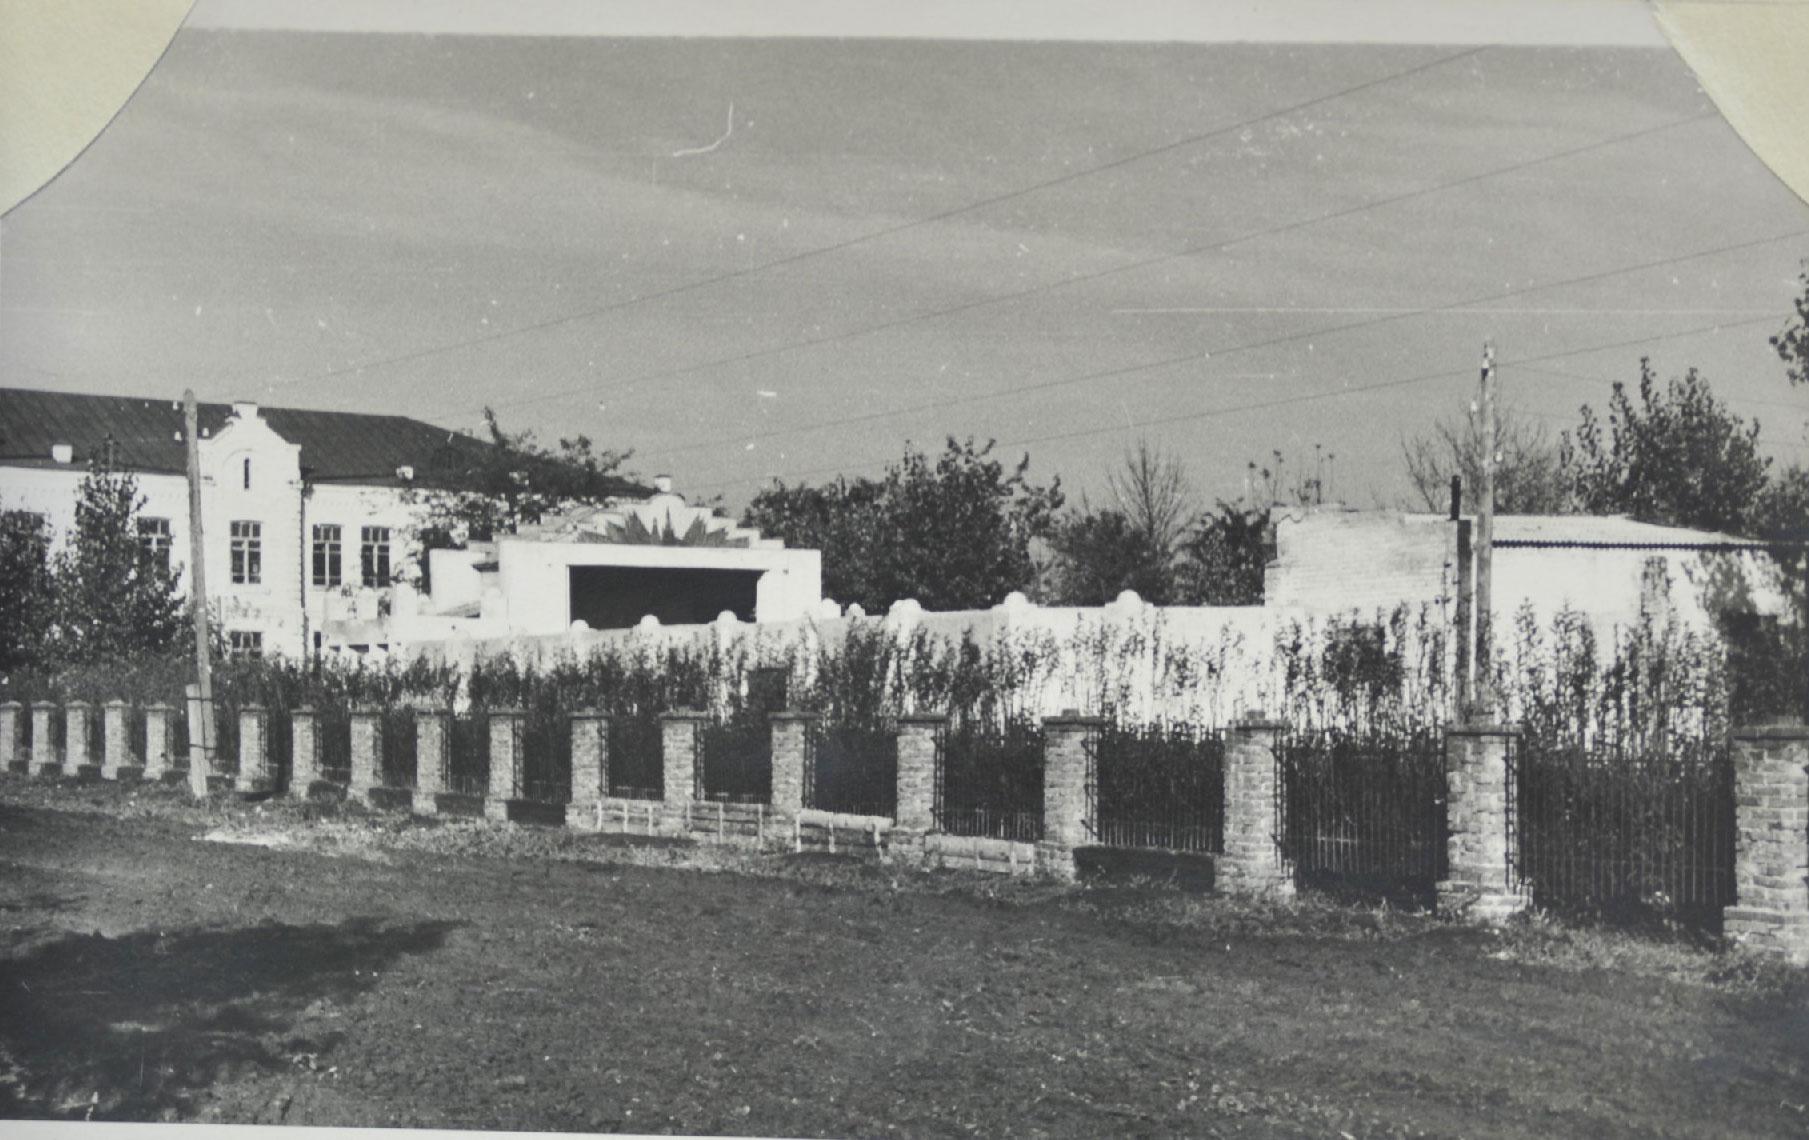 Парк ст.Павловской (вид с улицы Юных ленинцев) с летним кинотеатром  на переднем плане и зданием СШ№2 слева (из фондов архивного отдела,  примерно, начало  60-х годов прошлого века)